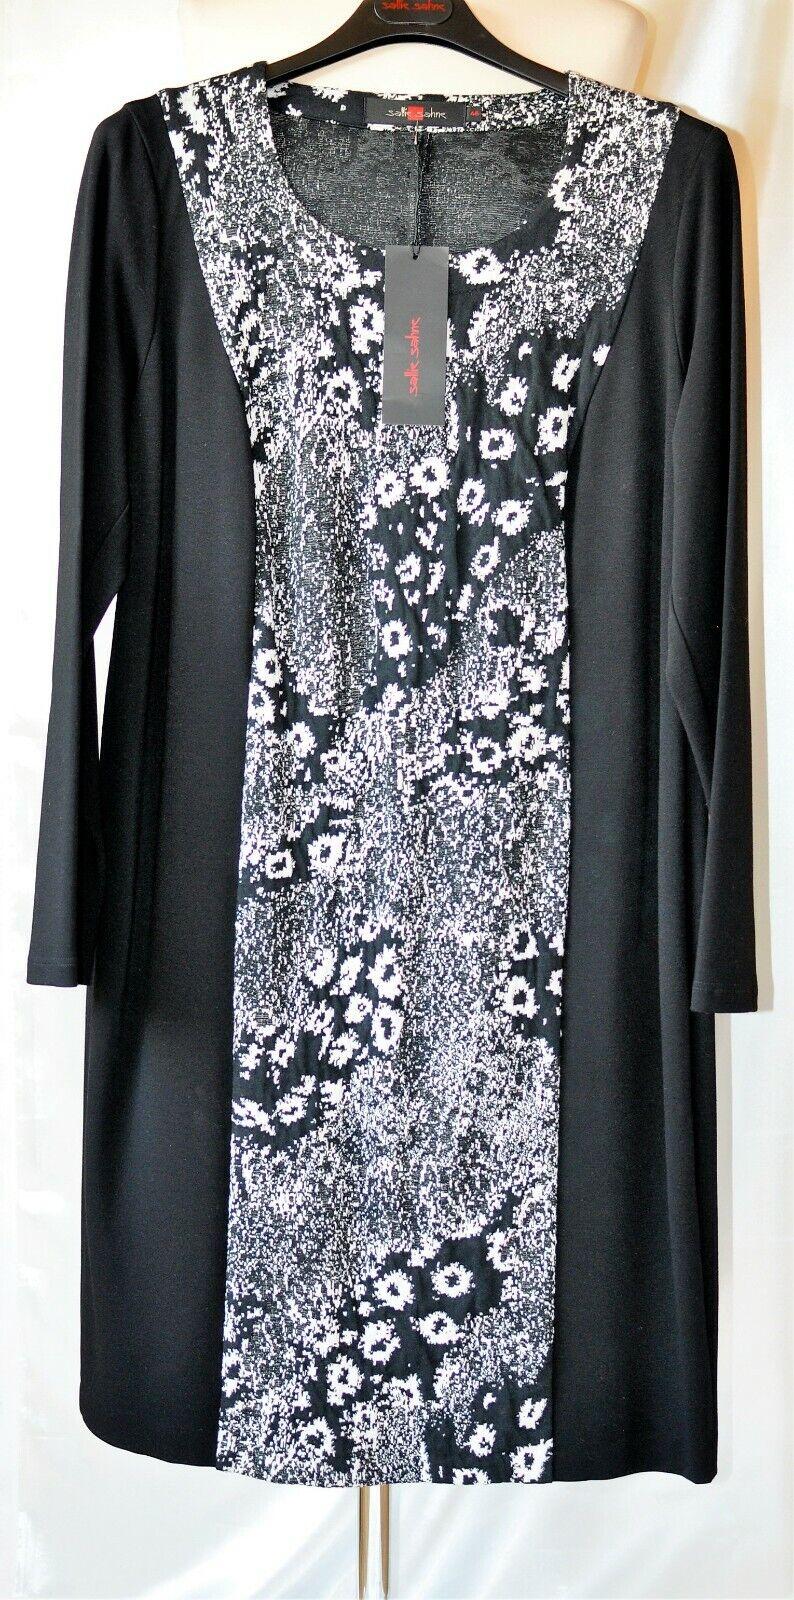 Sallie Sahne Gr 46  Kleid JONES64  -  Ponte di Roma Jersey -  Schwarz   Weiß NEU